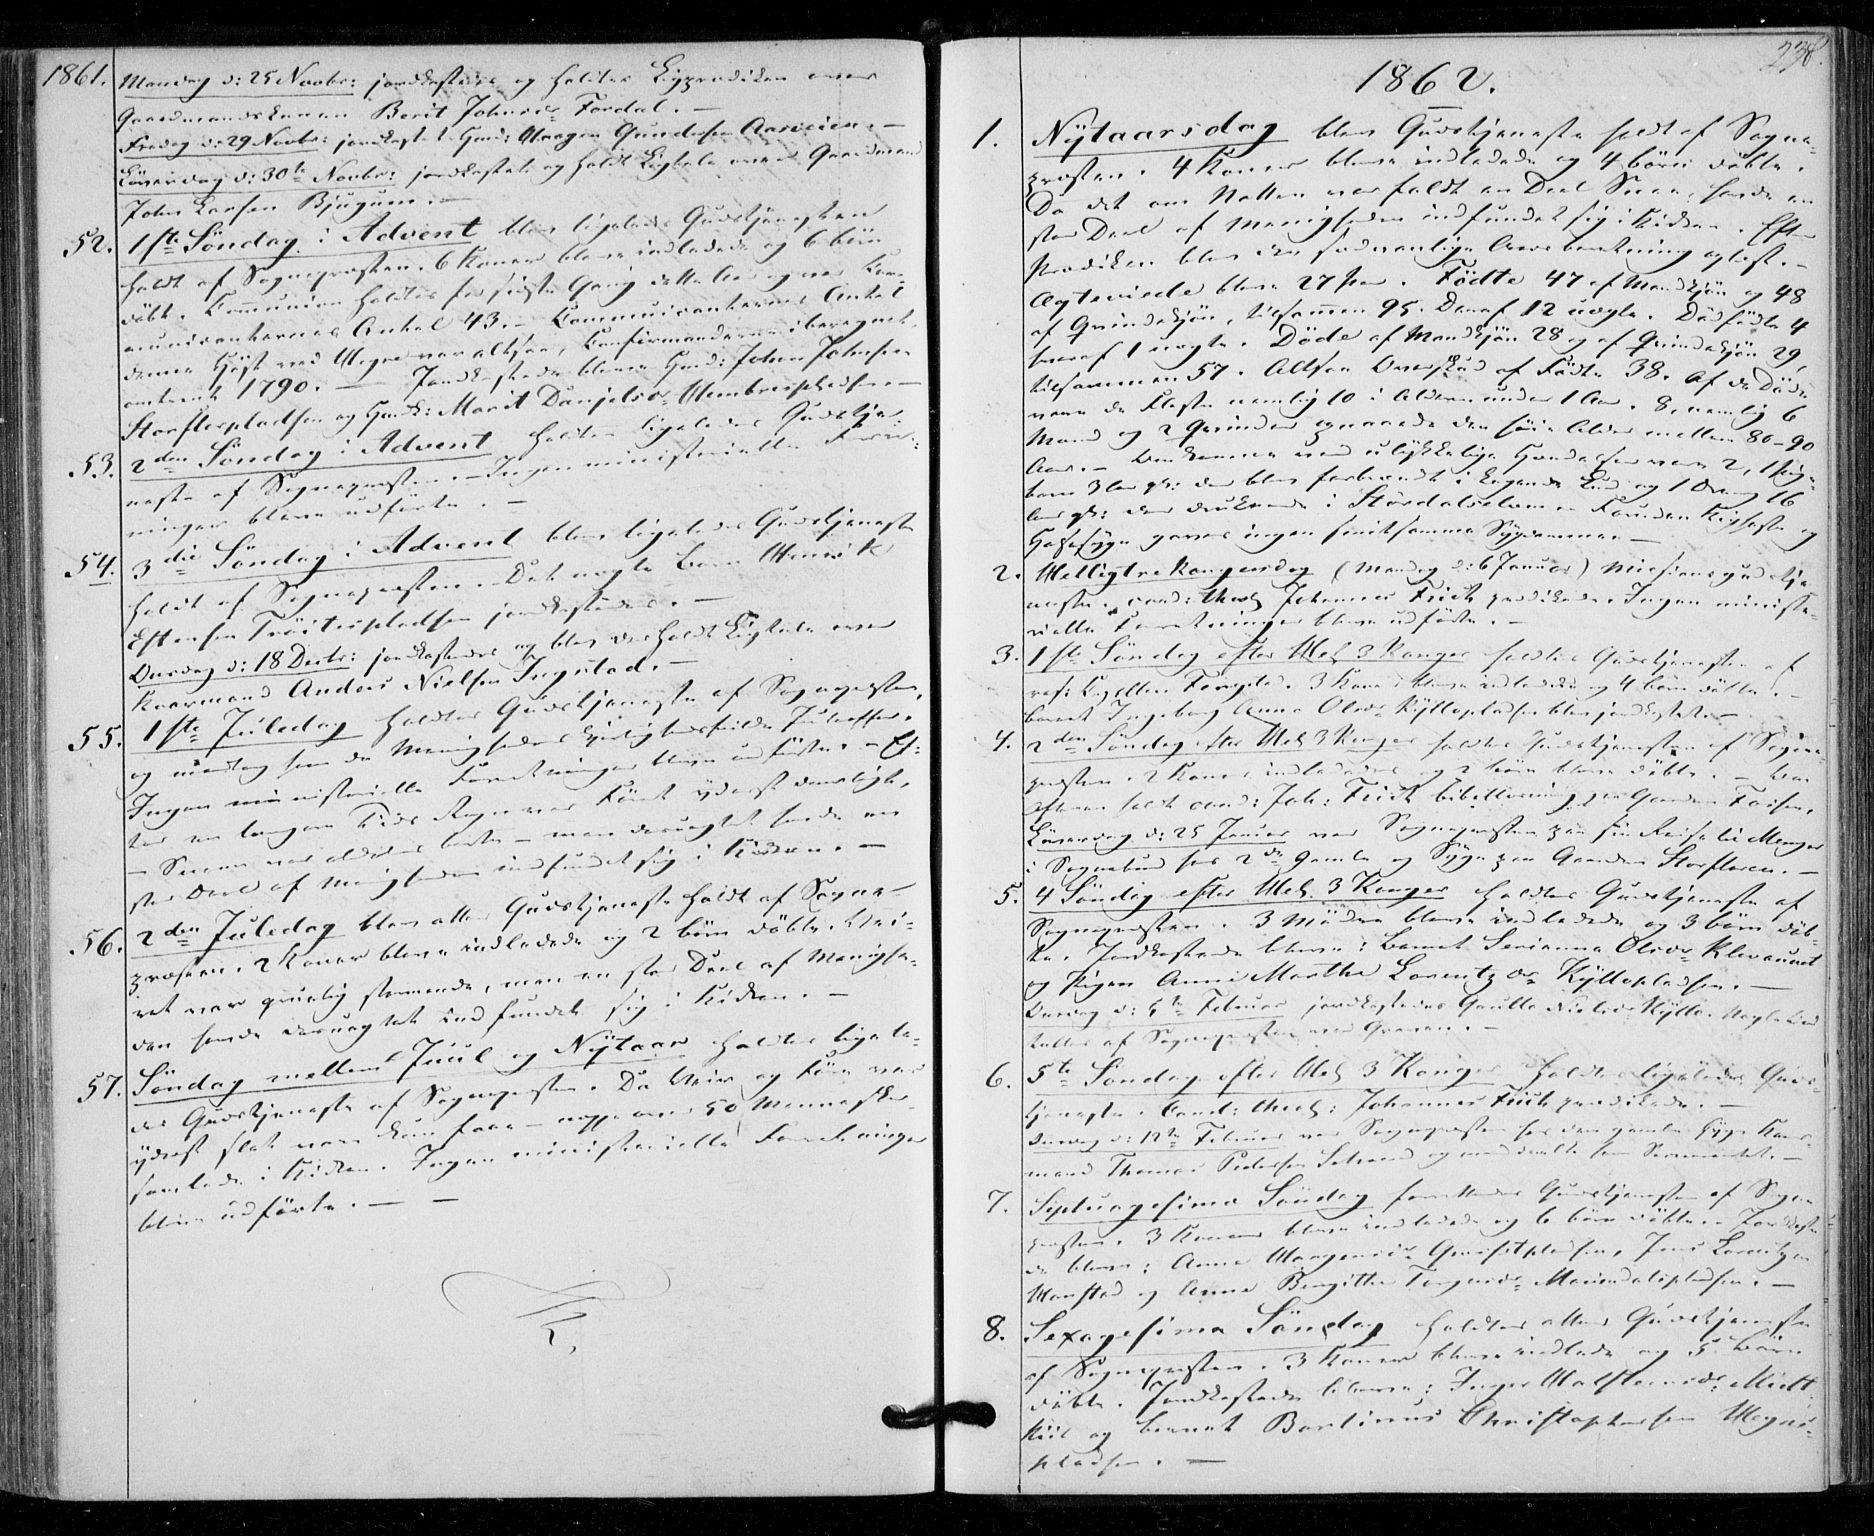 SAT, Ministerialprotokoller, klokkerbøker og fødselsregistre - Nord-Trøndelag, 703/L0028: Ministerialbok nr. 703A01, 1850-1862, s. 238